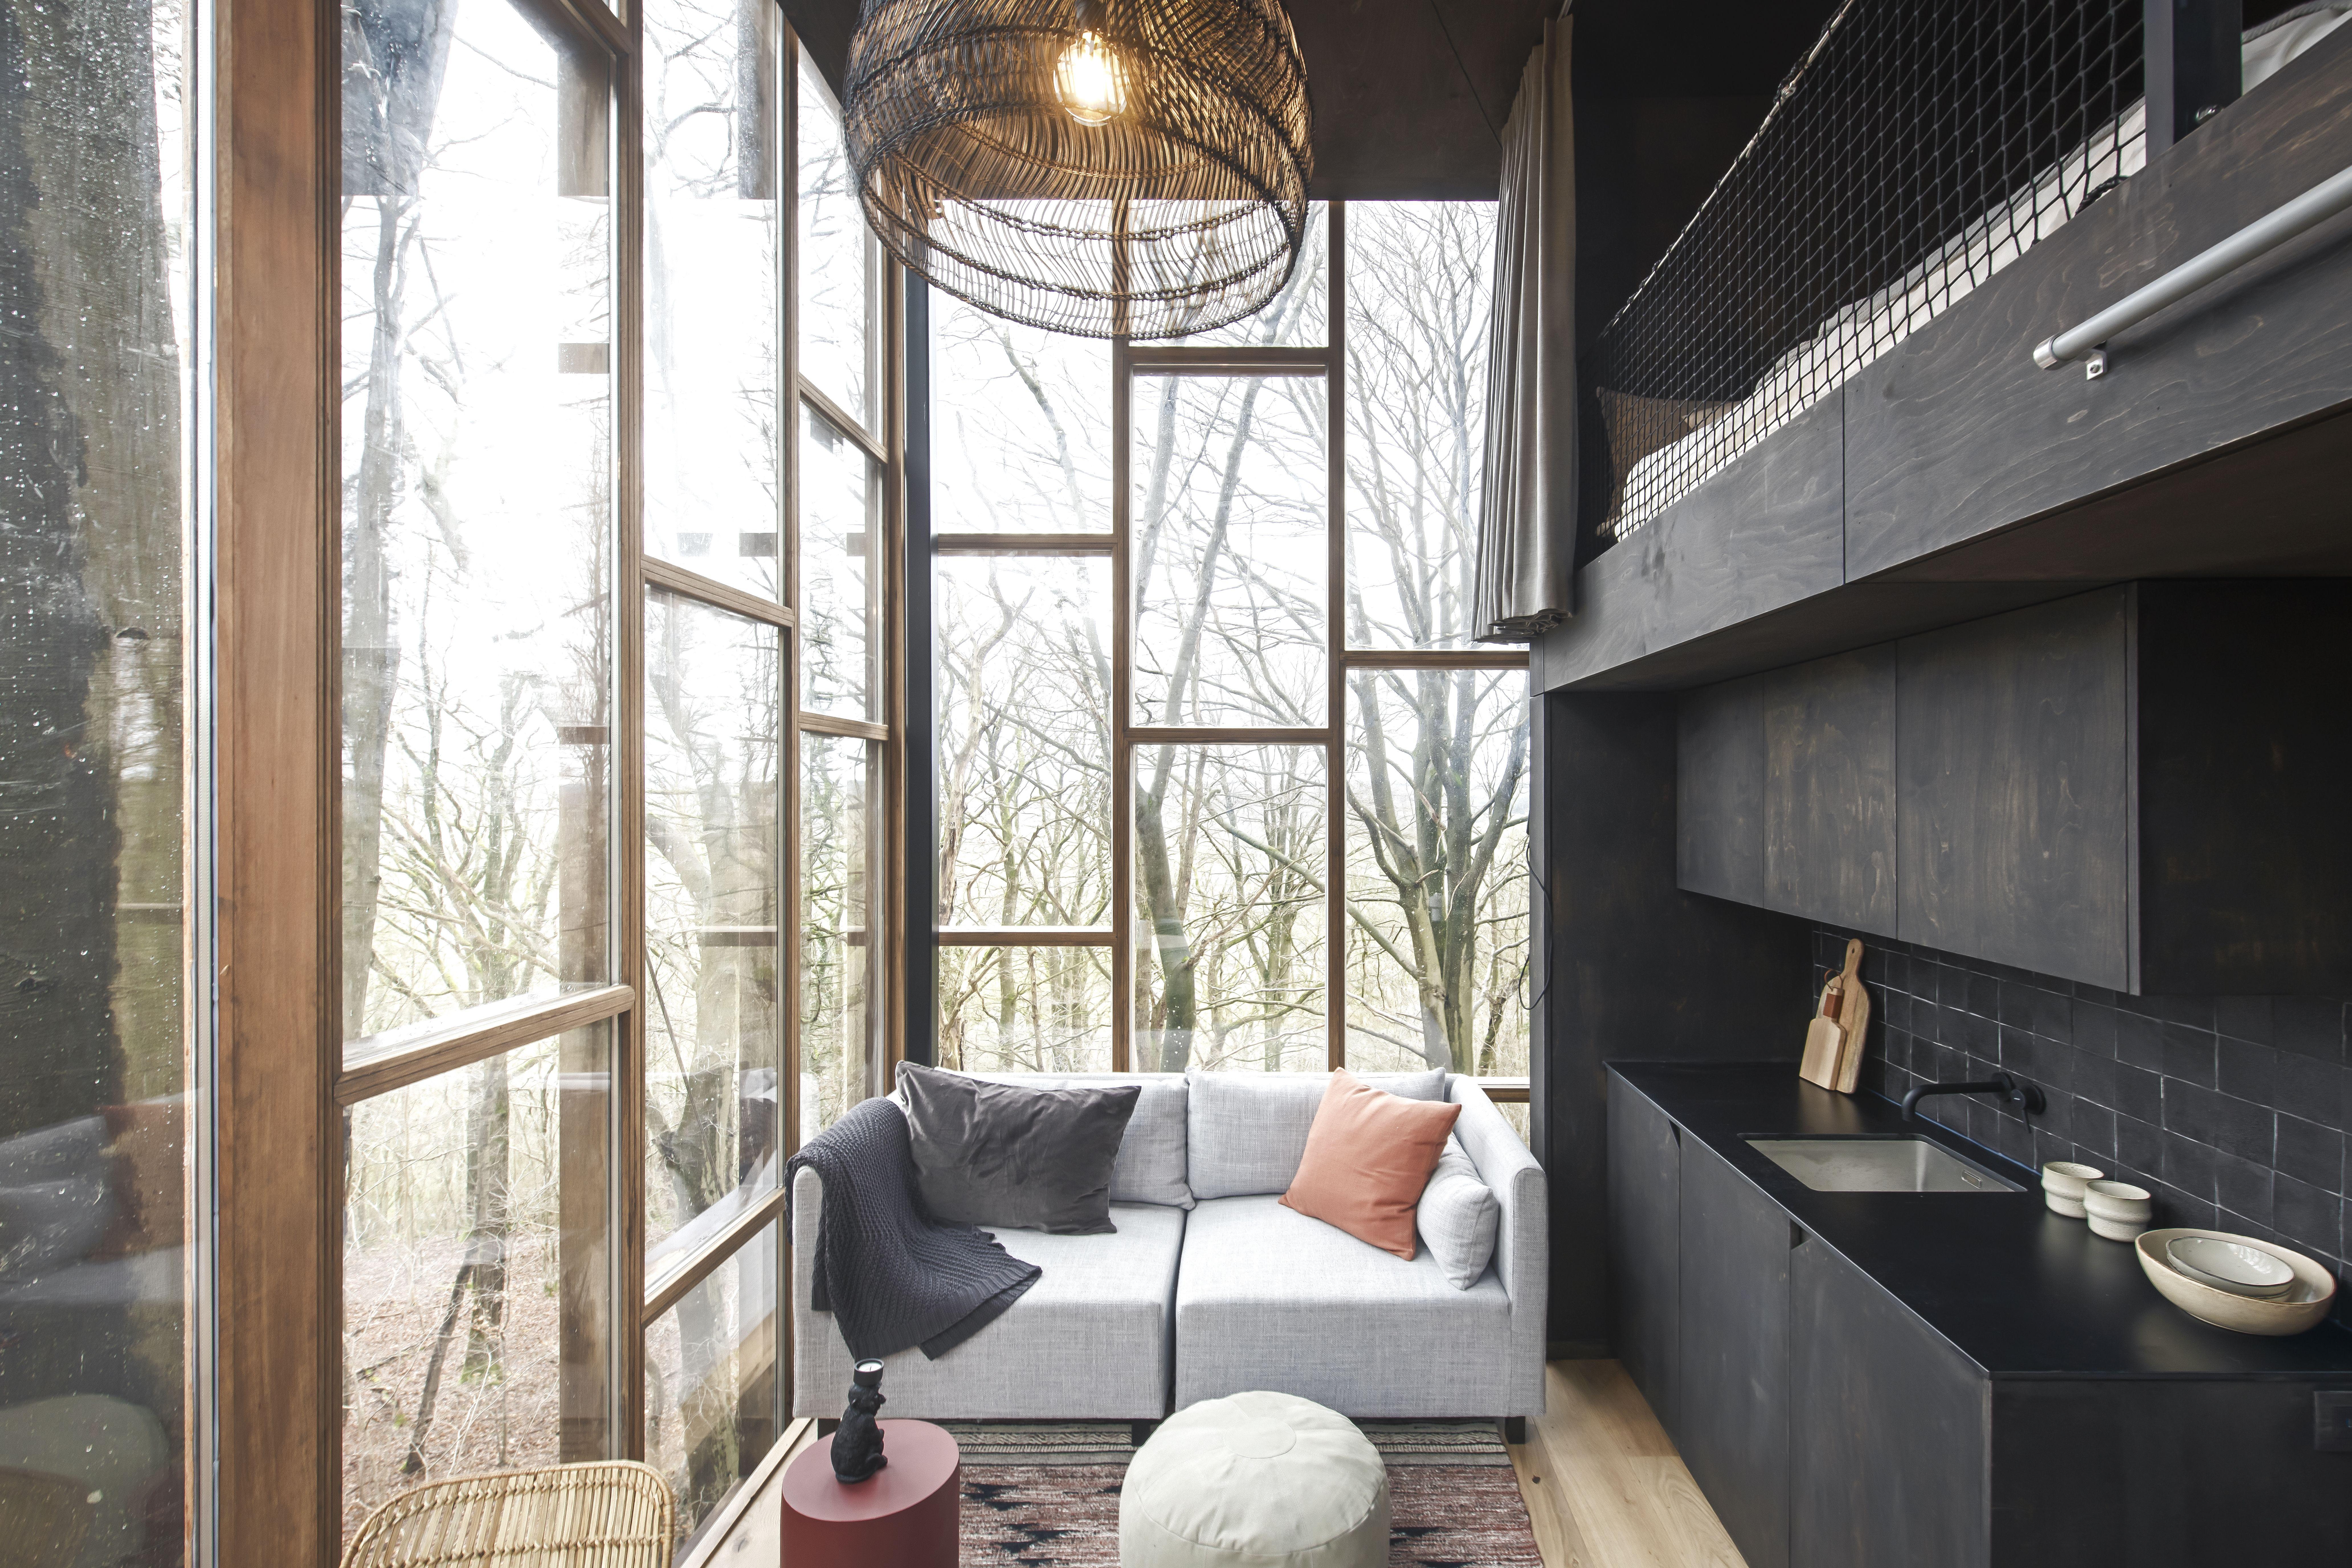 binnenschrijnwerk of interieur van een boomhut in een bos met veel glas en zwarte kasten